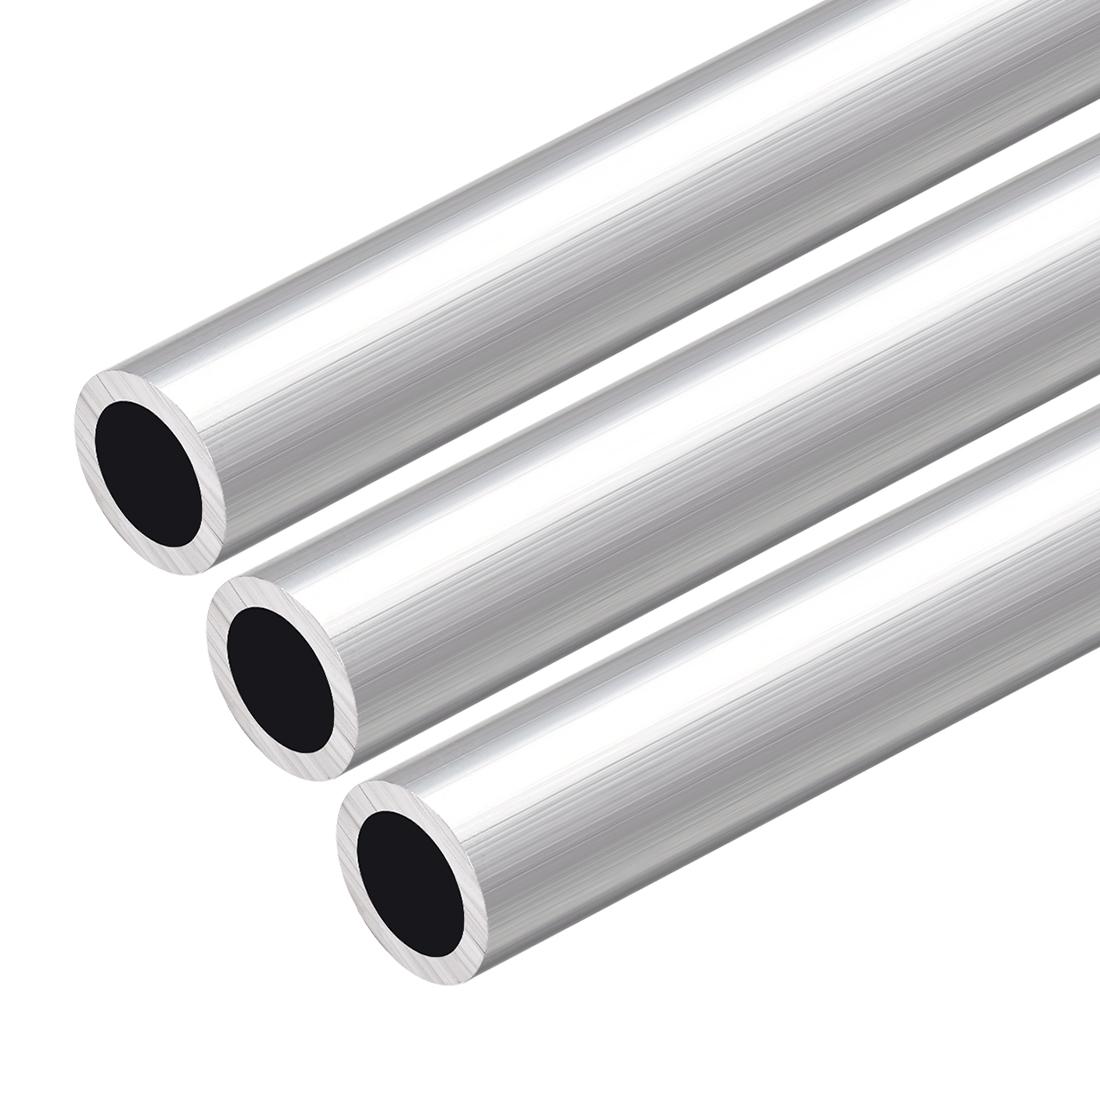 6063 Aluminum Round Tube 300mm Length 20mm OD 16mm Inner Dia Seamless Tube 3 Pcs